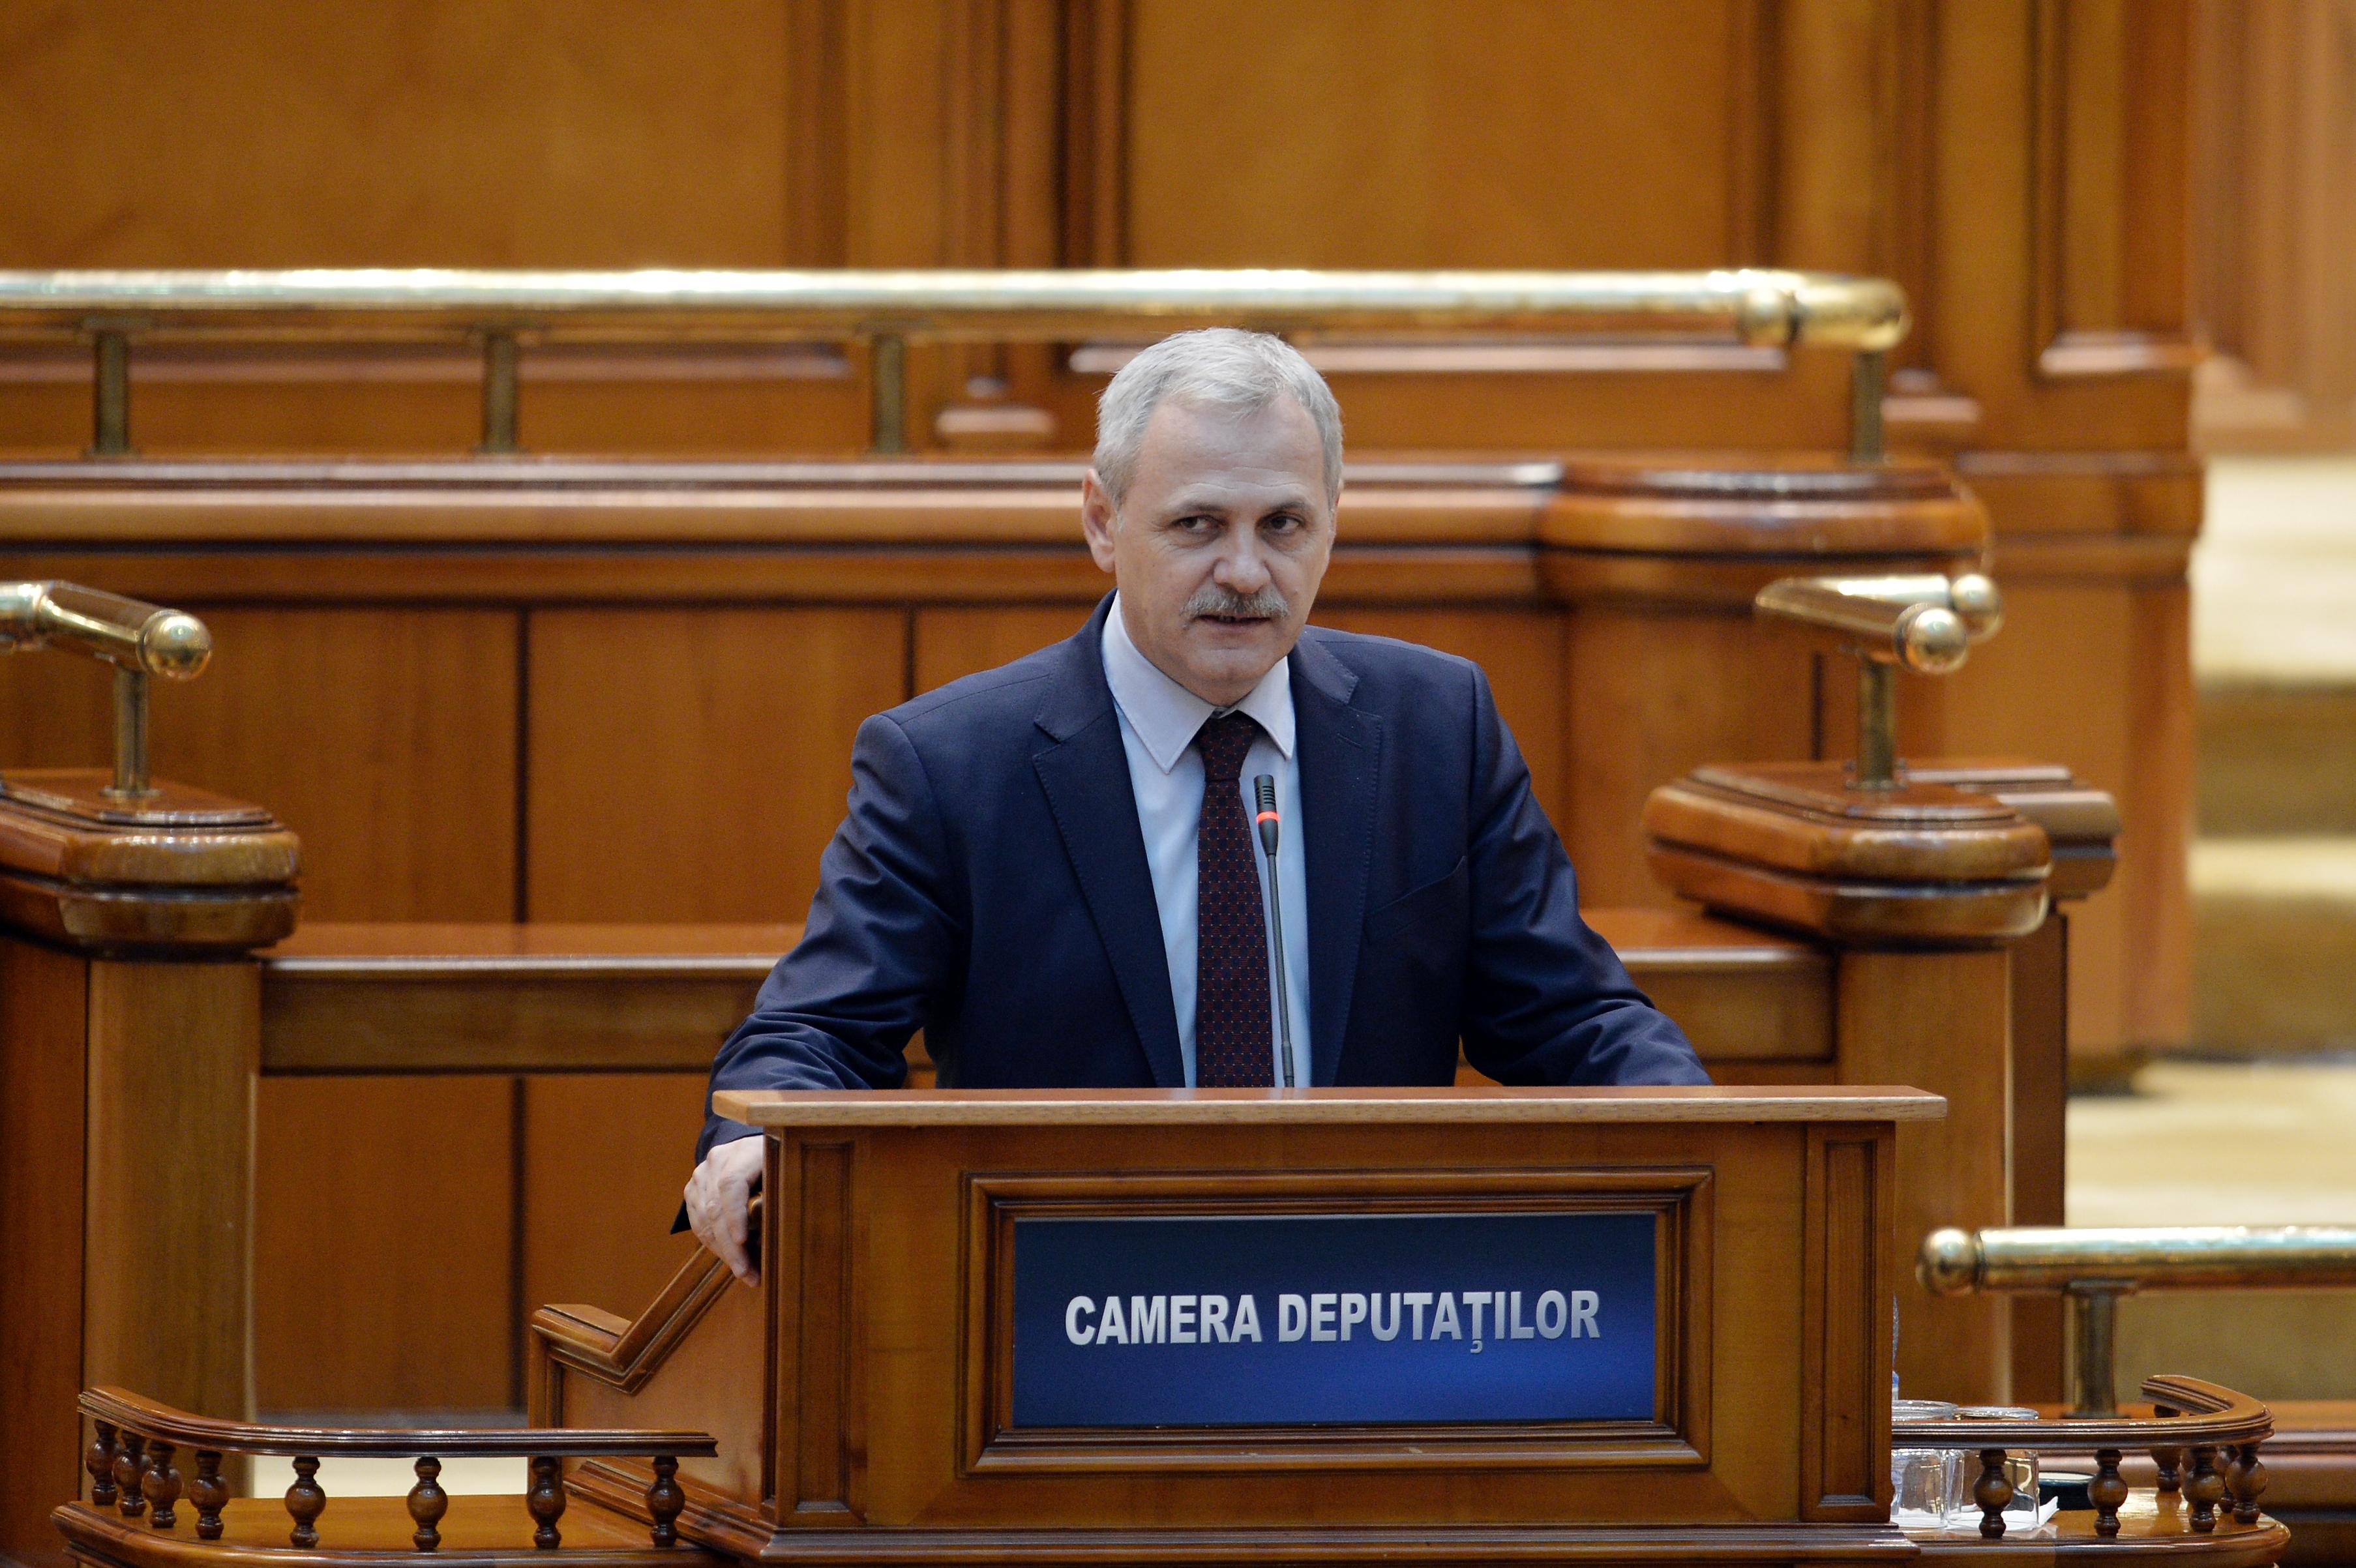 Şedinţa în care trebuia stabilită sesiunea extraordinară a Camerei Deputaţilor a fost amânată. Plafonarea pensiilor speciale, printre ordonanţele care urmau să fie dezbătute